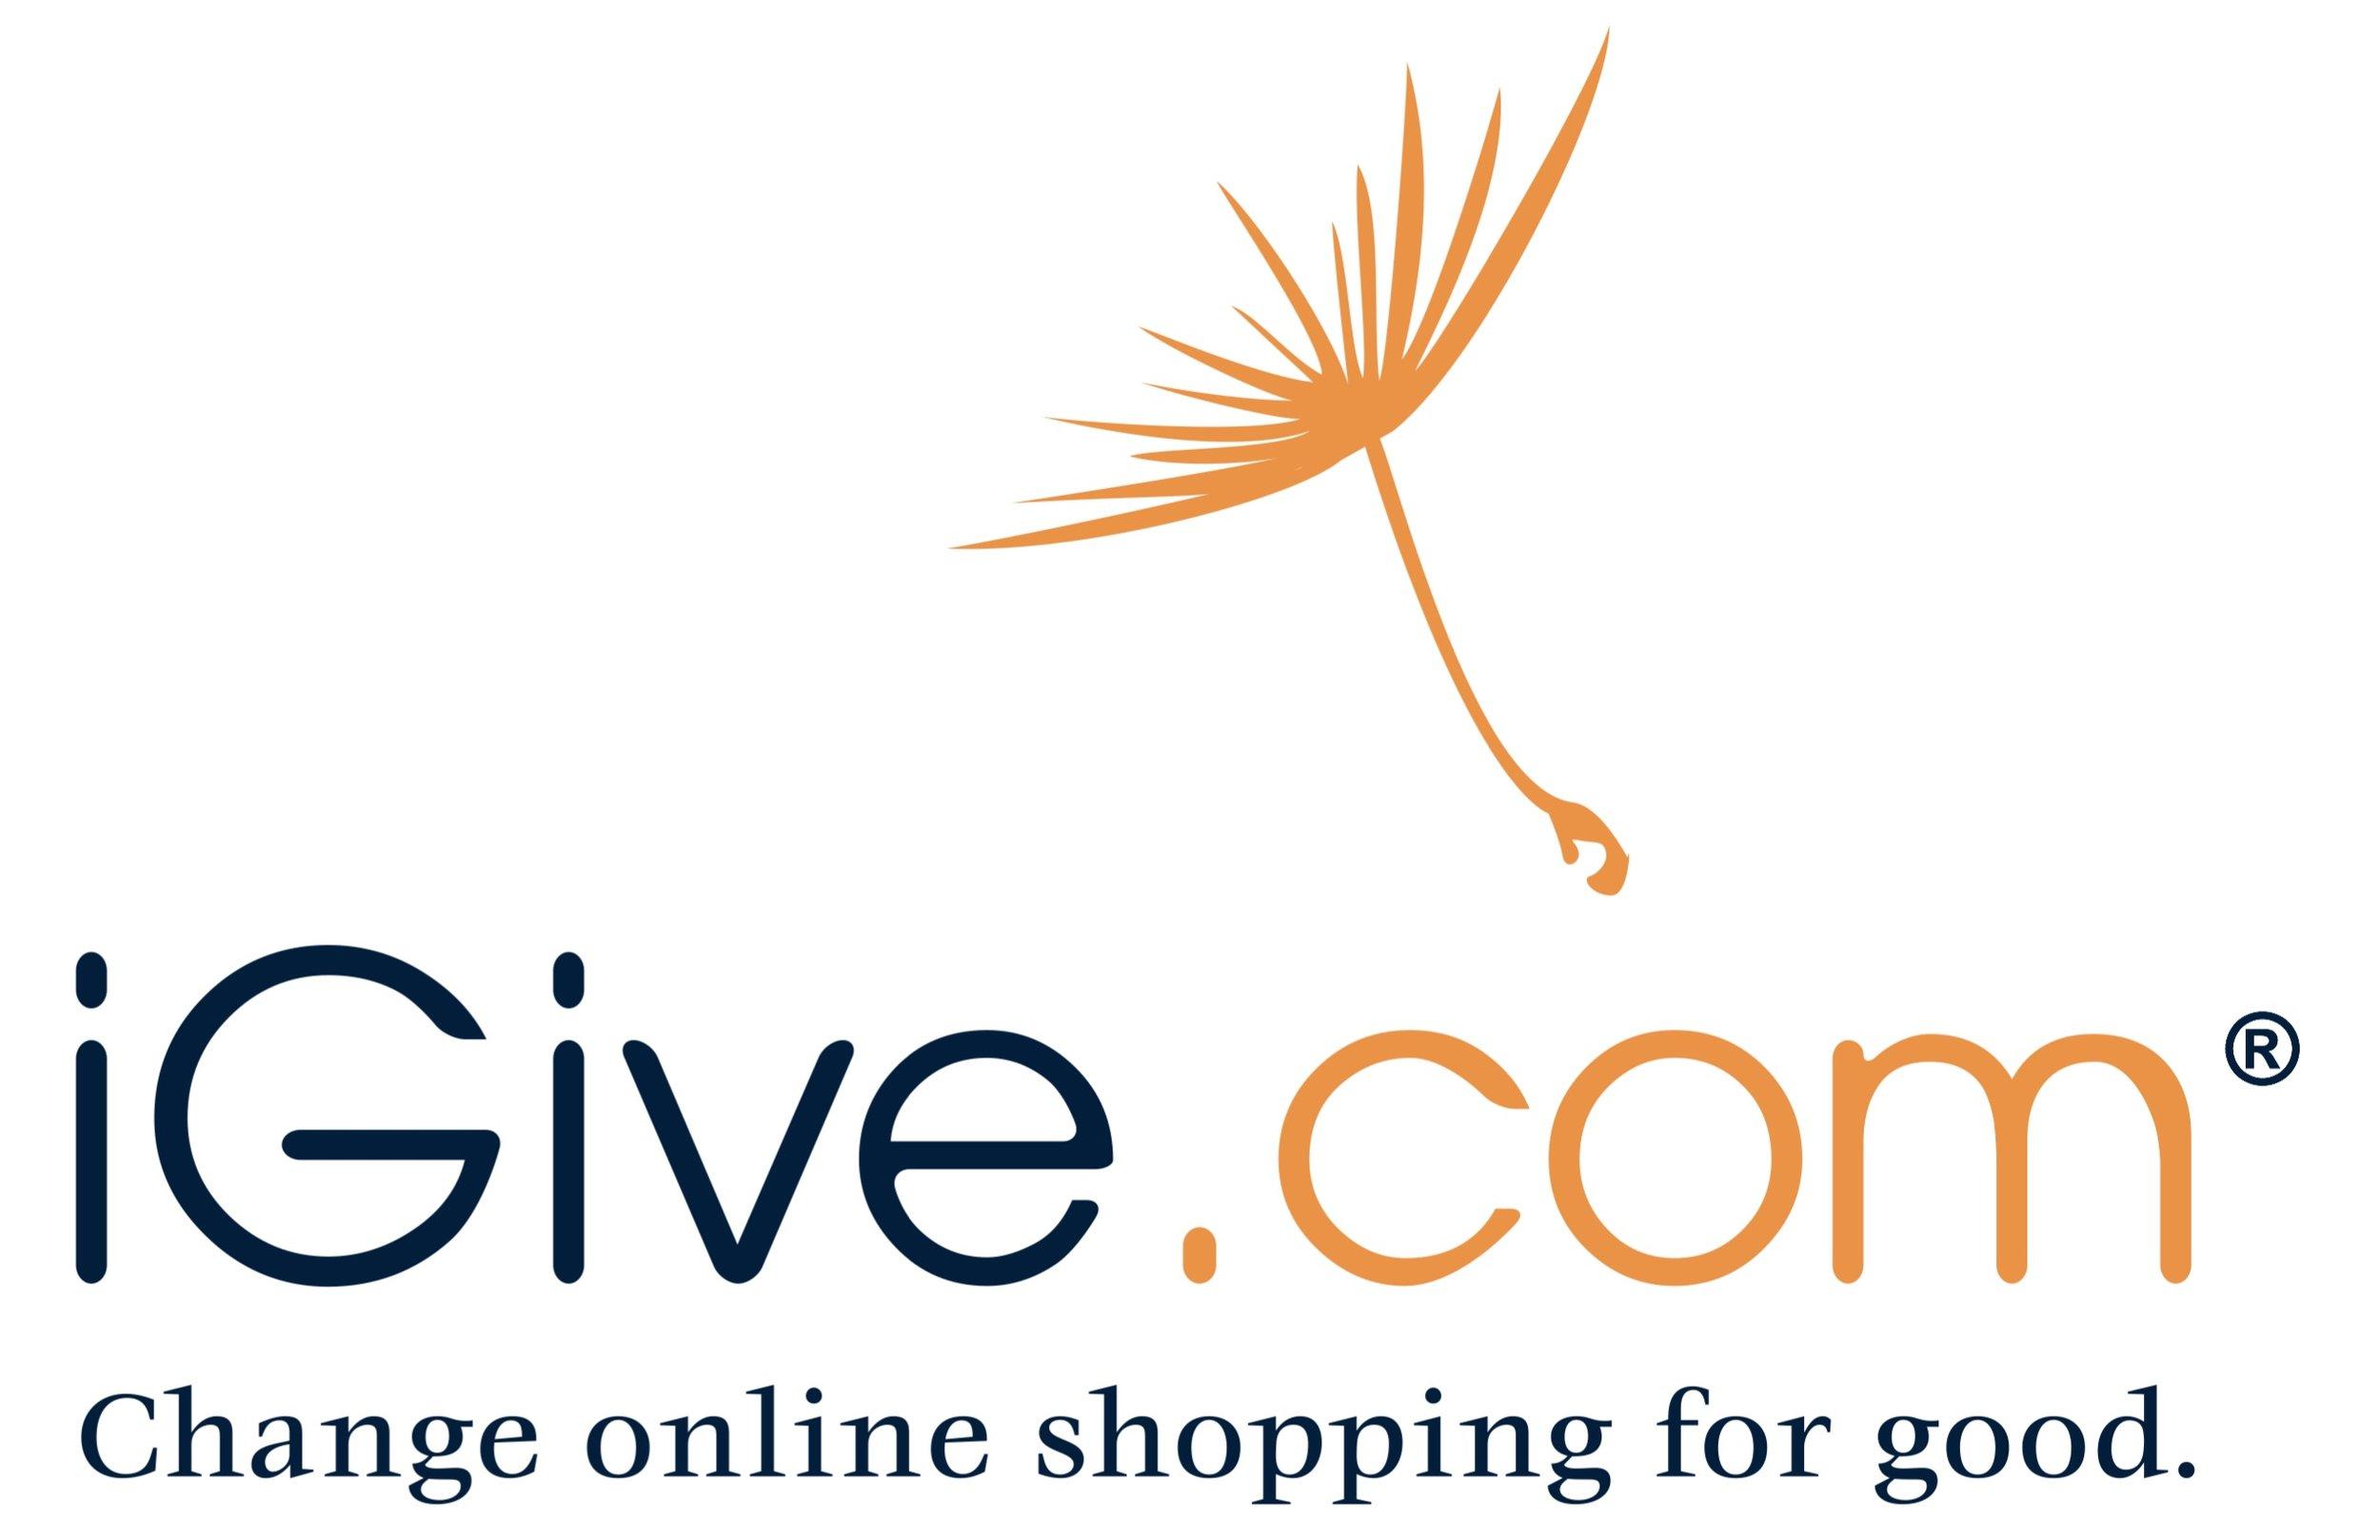 iGive.com.jpeg